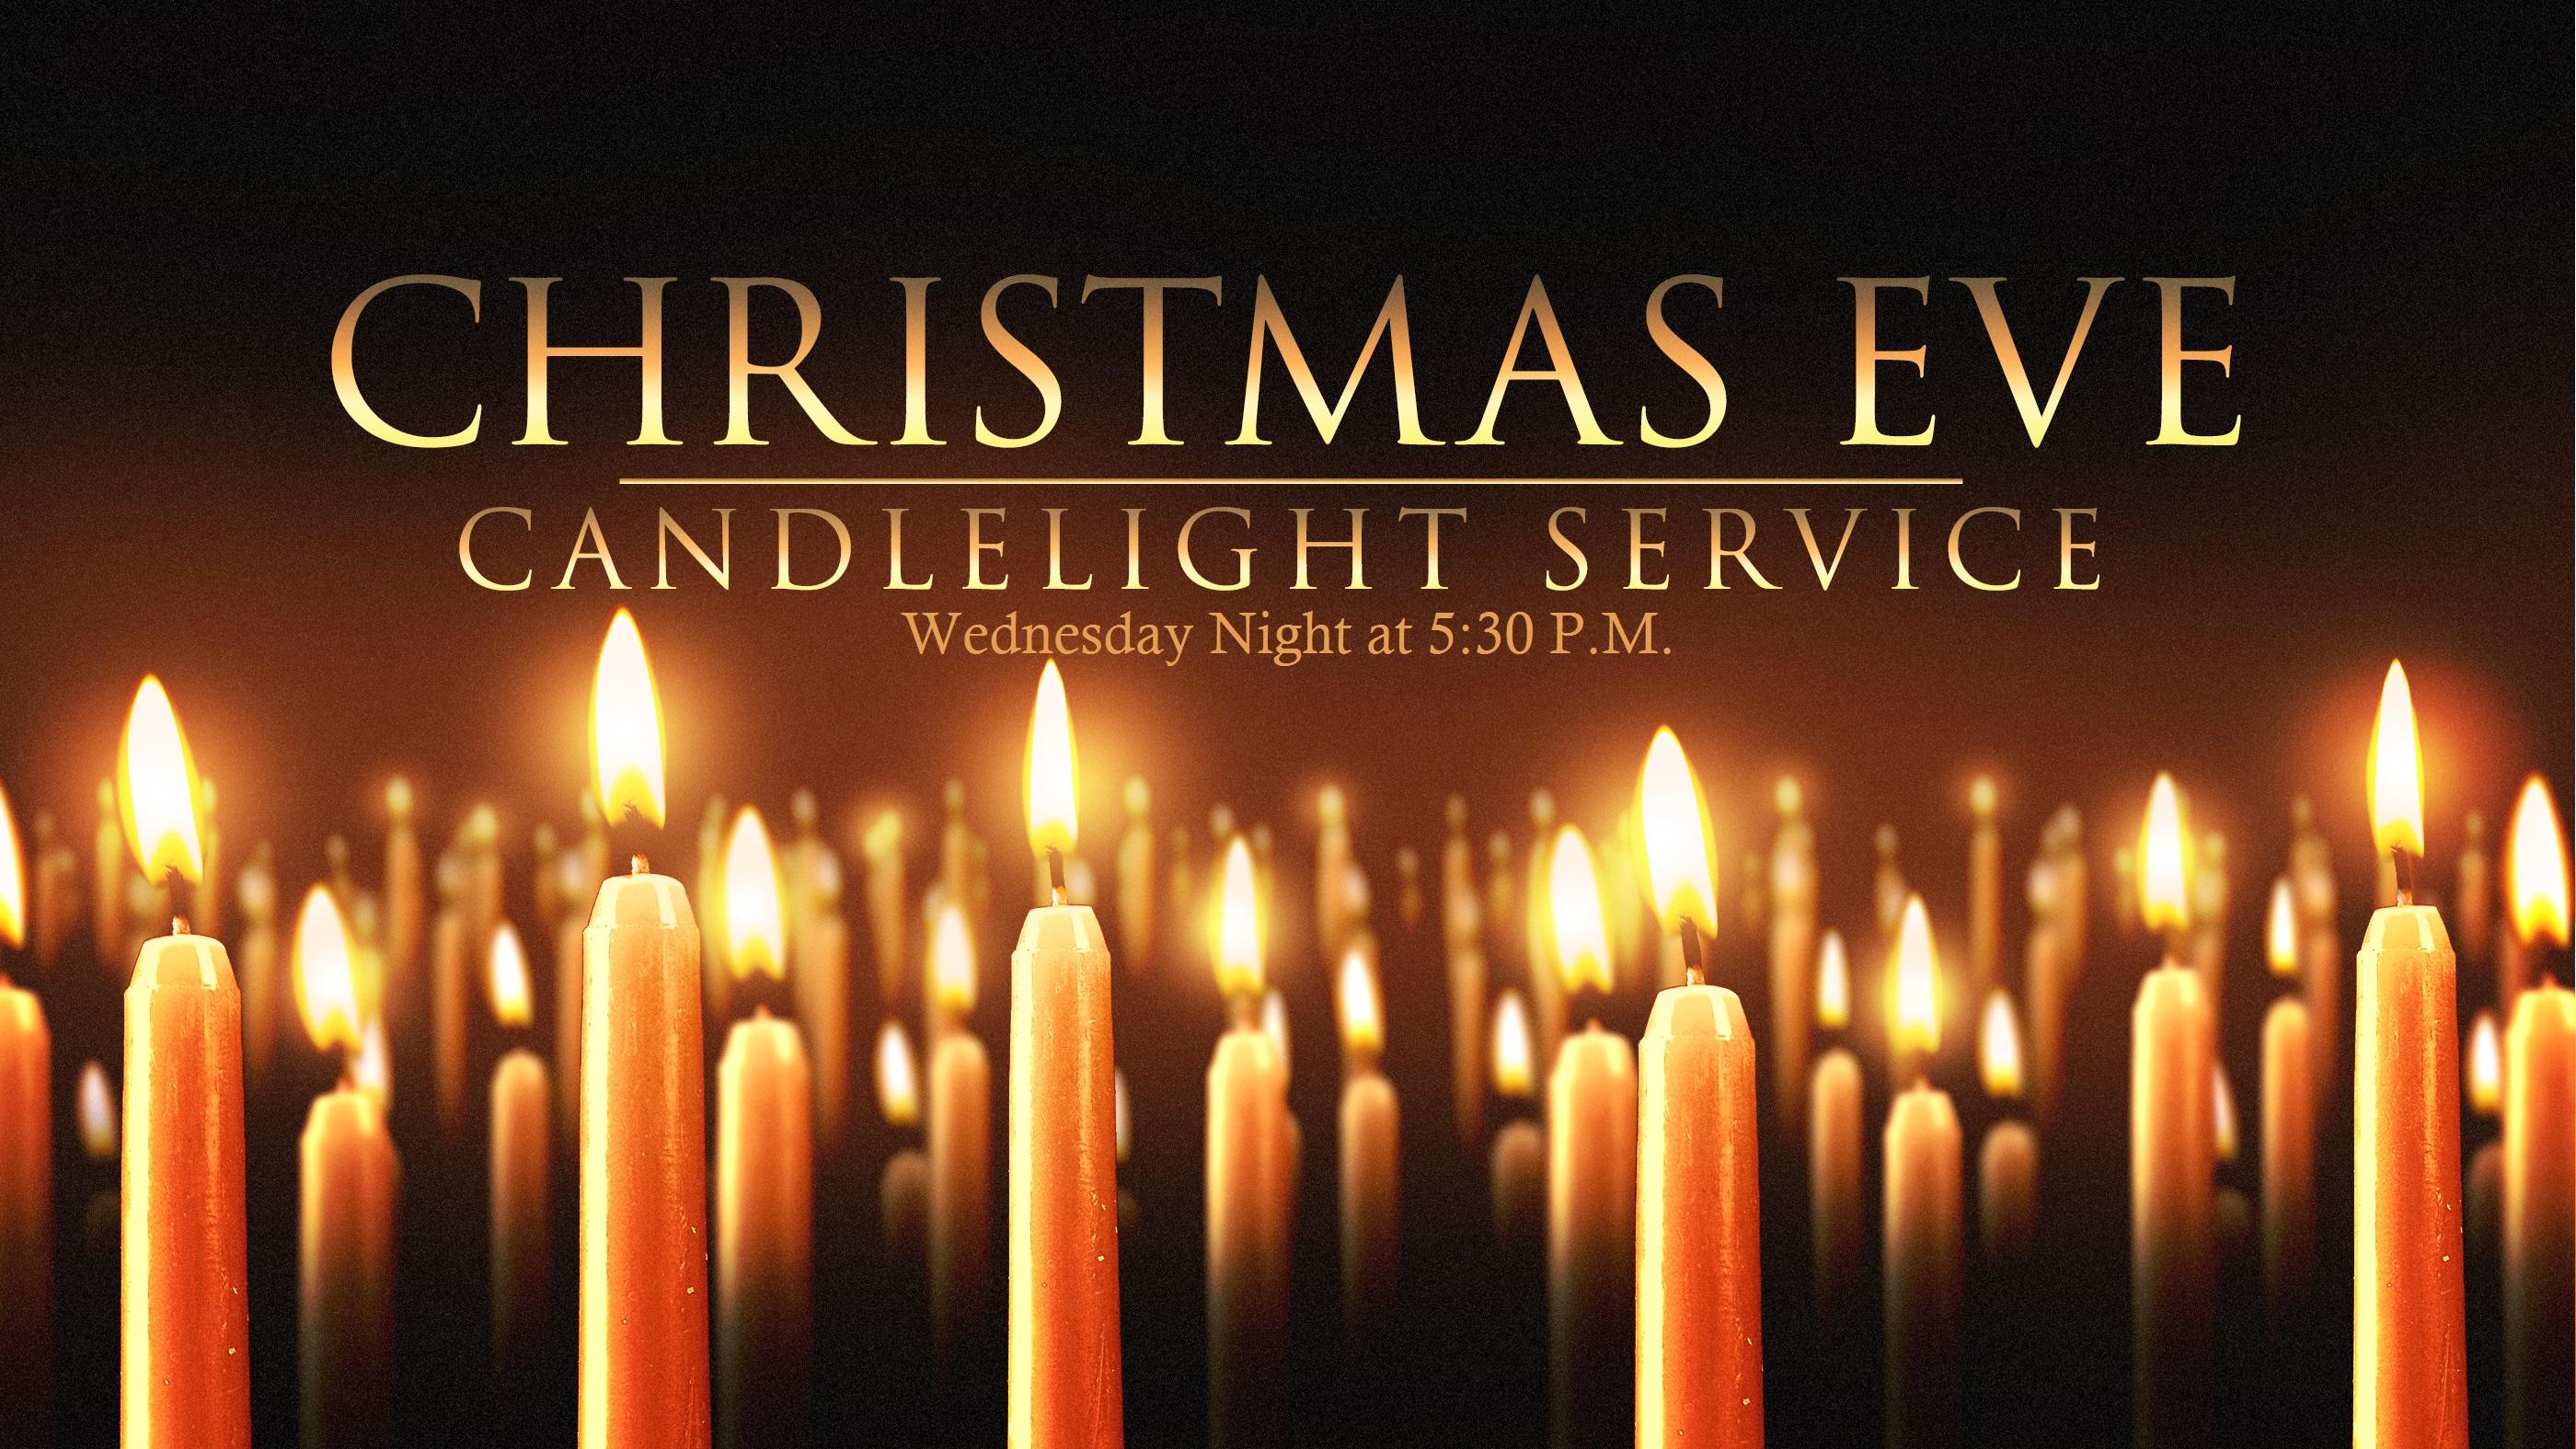 Poinsettia clipart christmas candlelight Christmas Central Church Presbyterian christmas